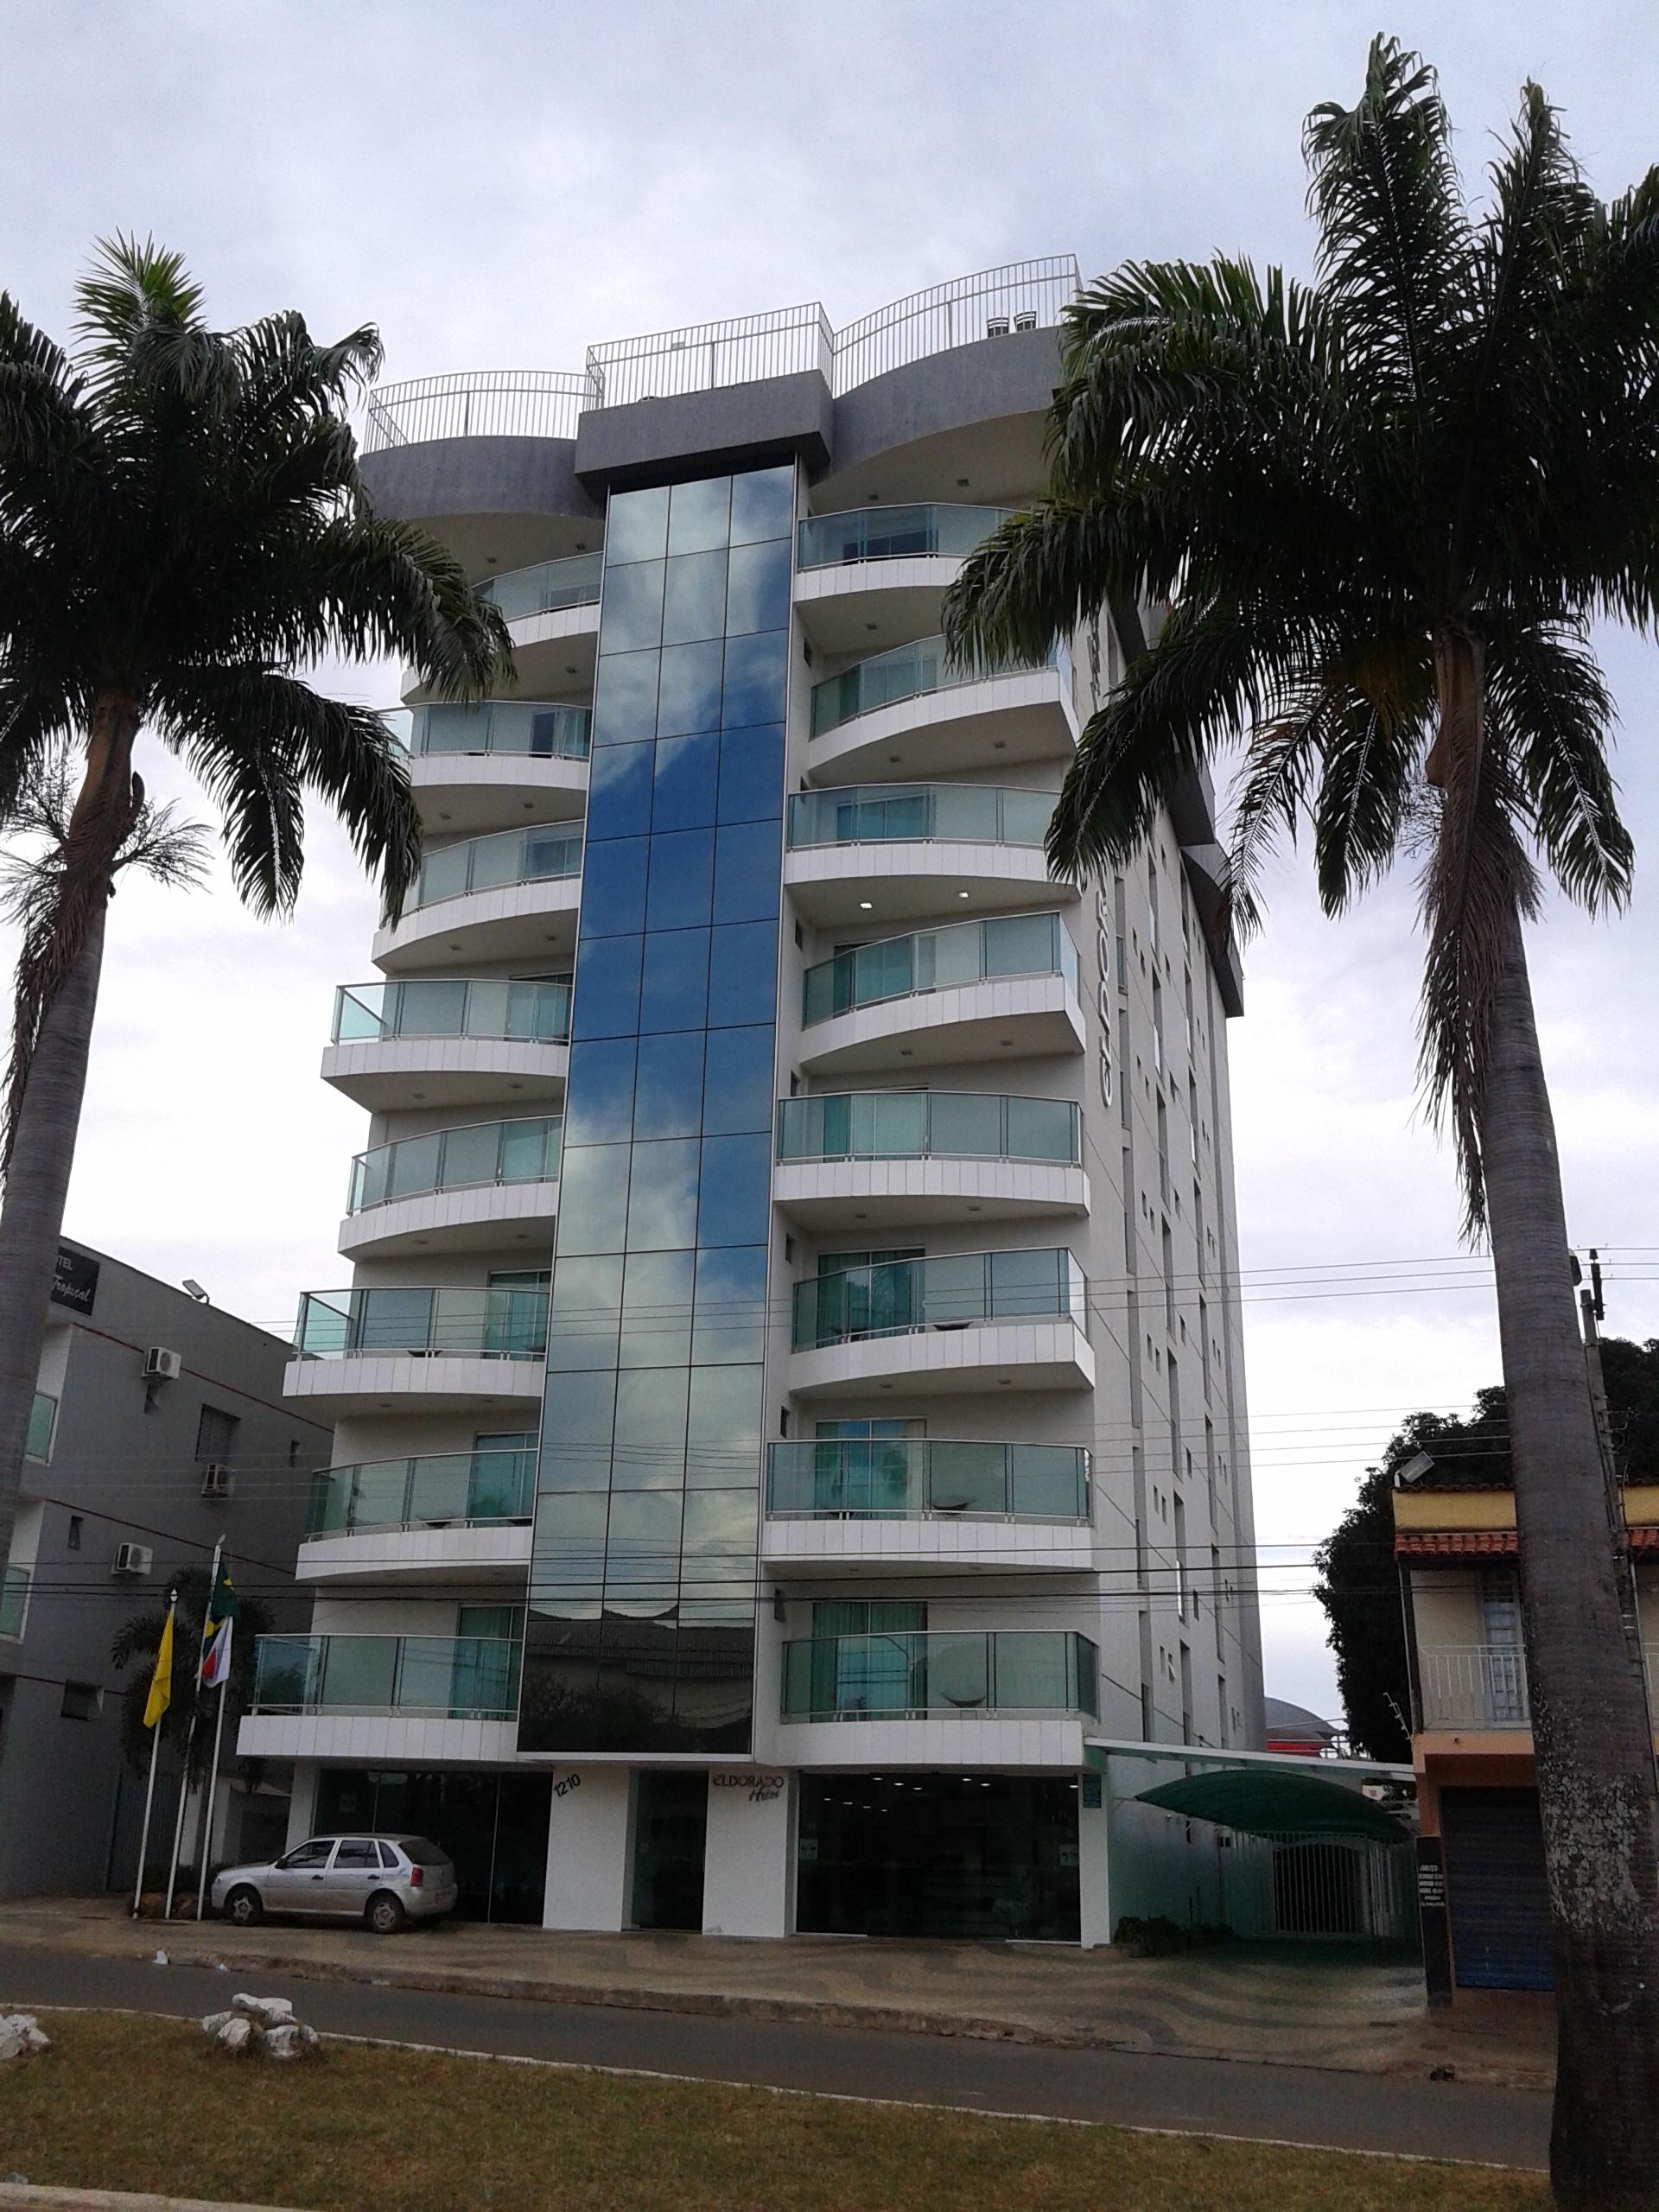 Eldorado Hotel Image